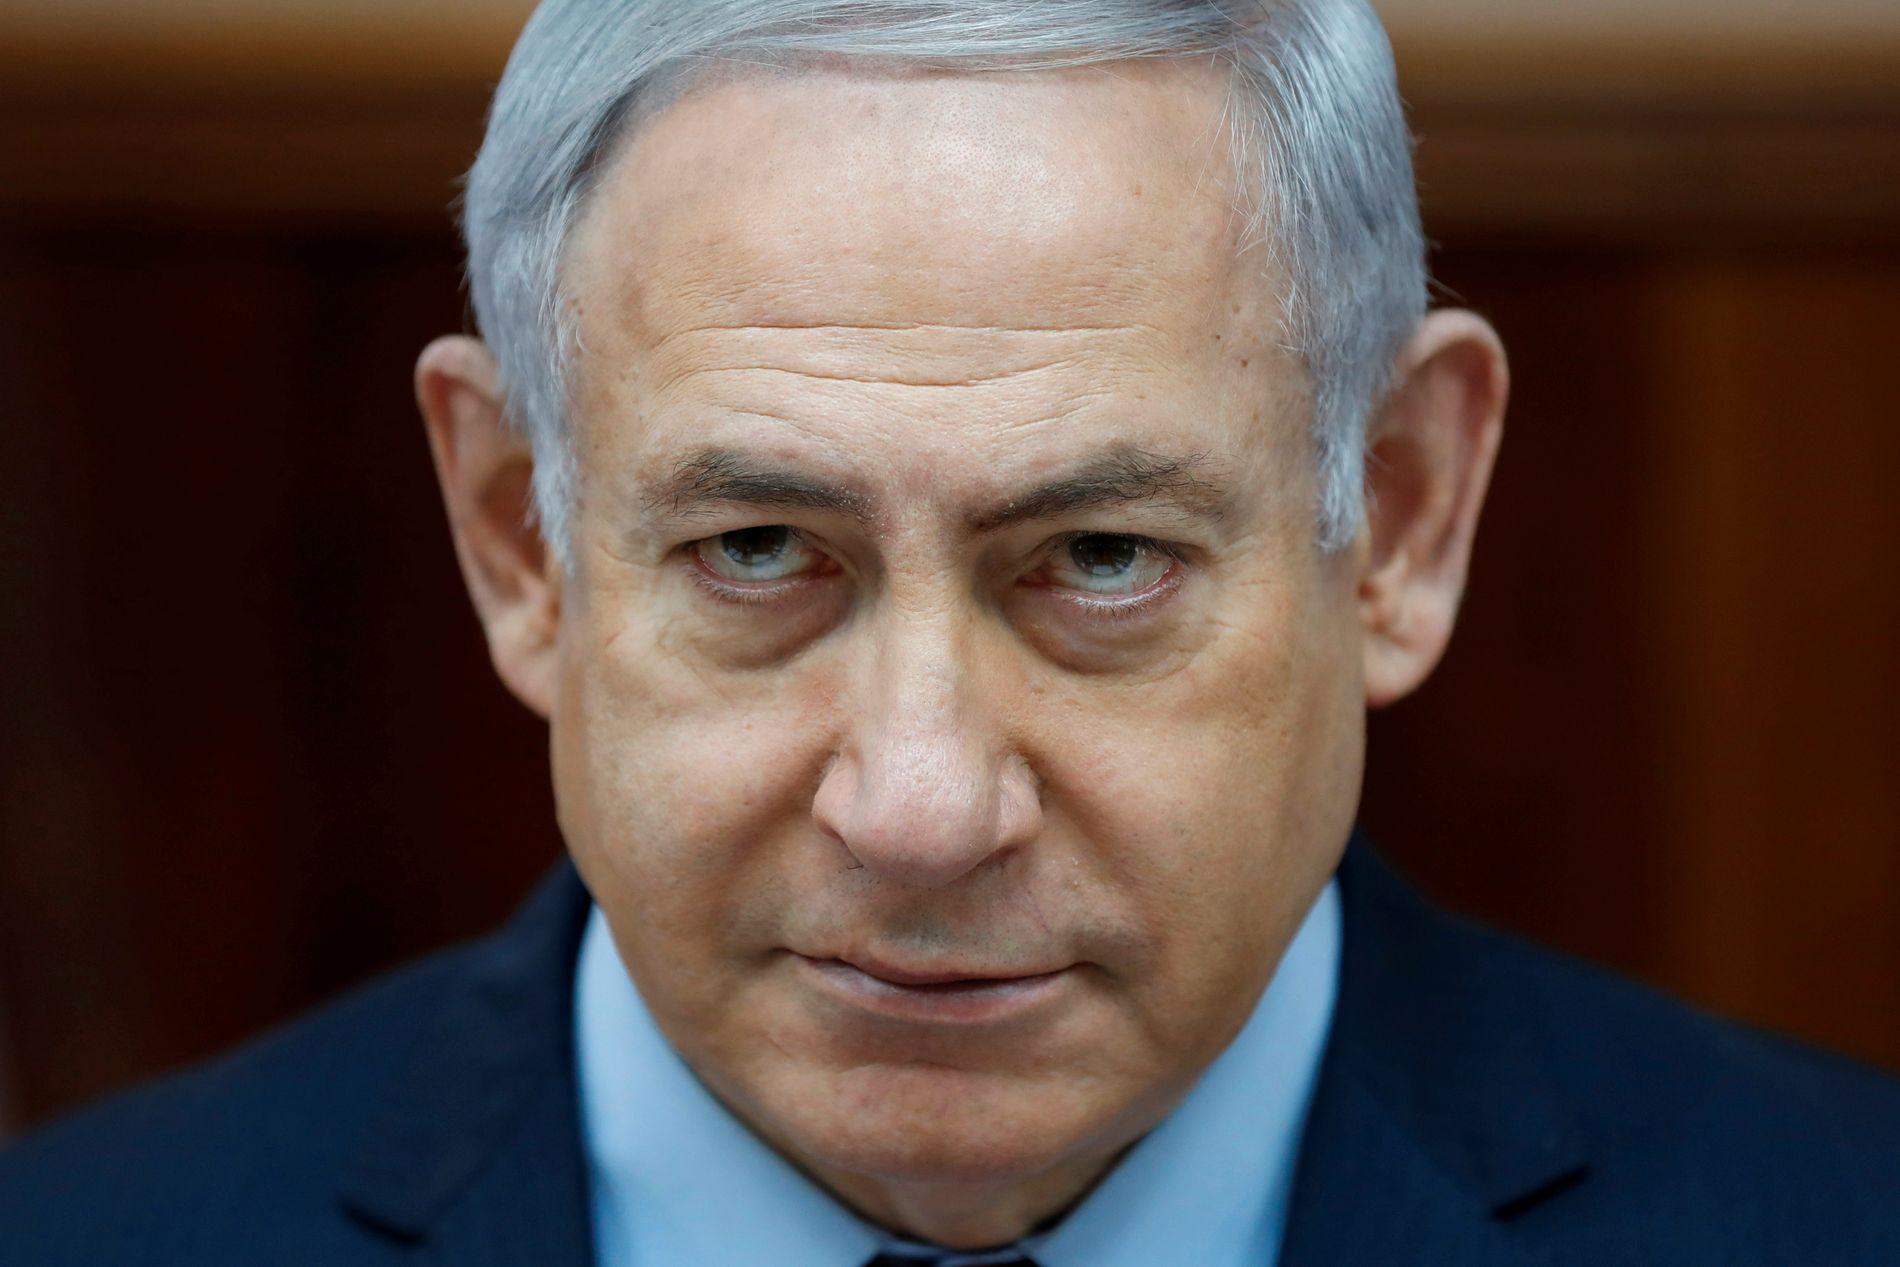 KONTROVERSIELL: Statsminister Benjamin Netanyahu slår fast at det er flertallets rett som gjelder. Slik underminerer han et viktig prinsipp; at et demokrati også skal ivareta minoritetenes interesser, og sørge for like rettigheter for alle nasjonens statsborgere, mener BT.